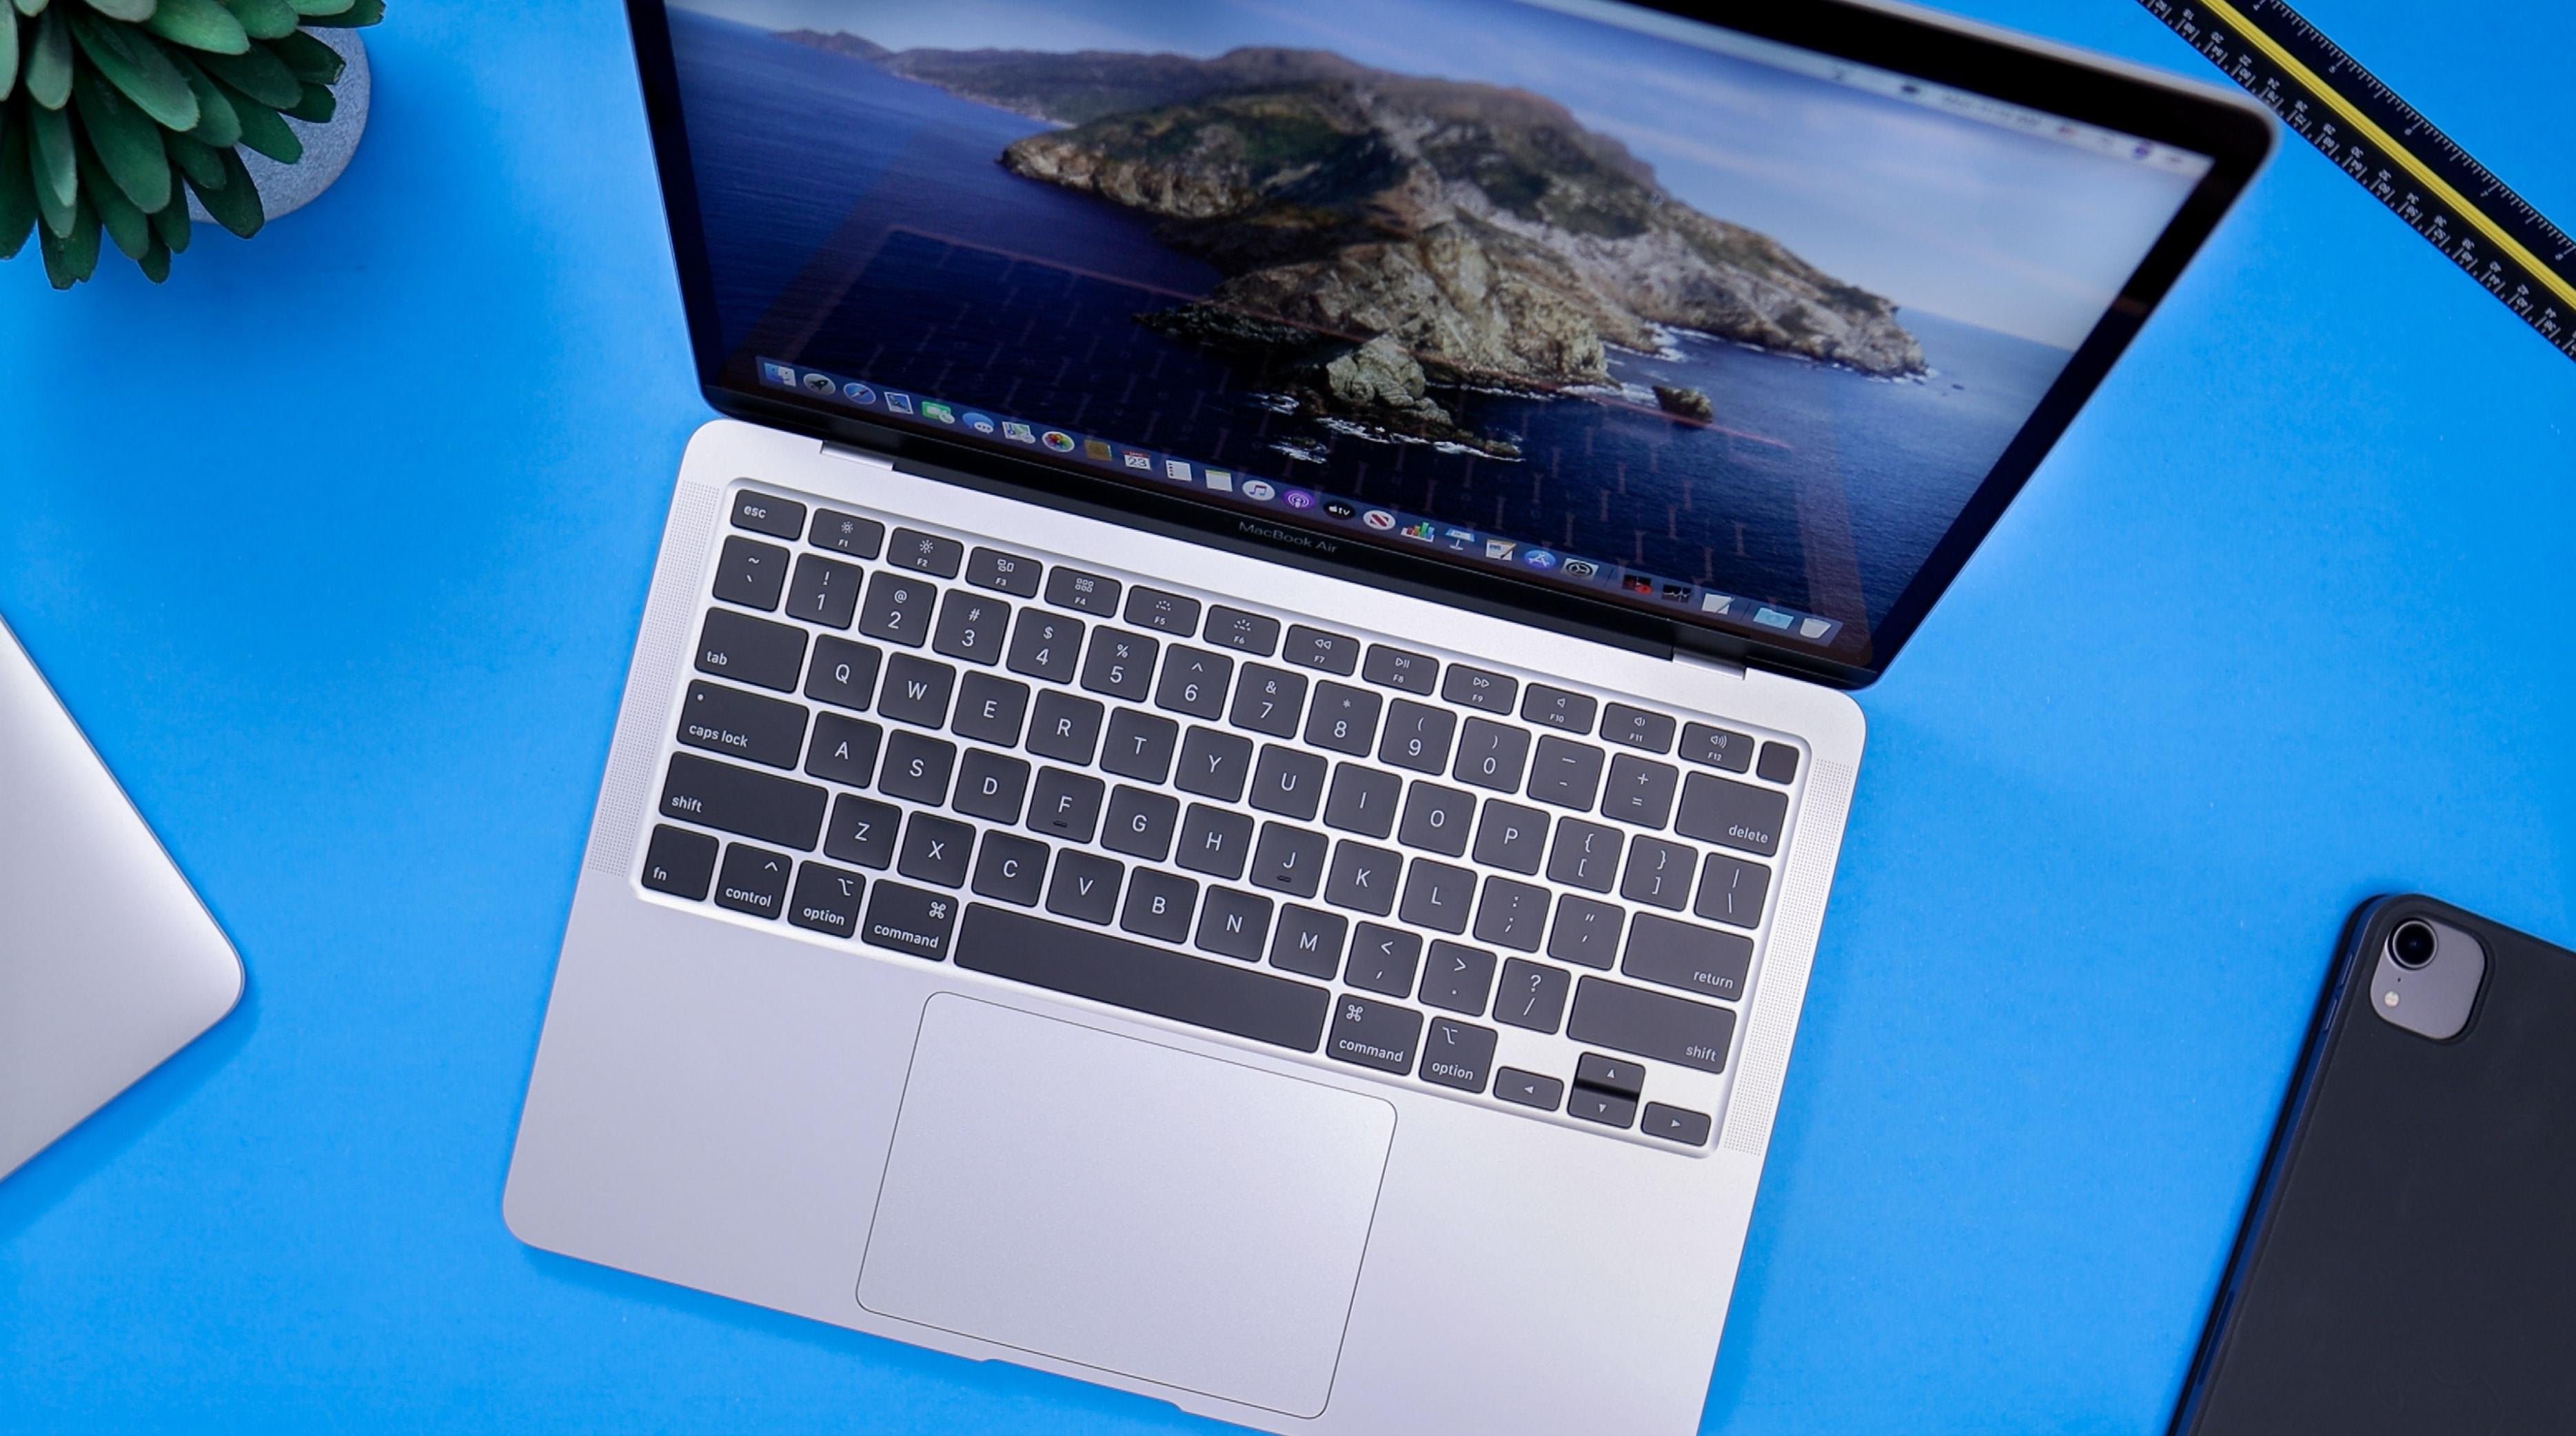 """直降1000元的官方苹果电脑,会有什么""""坑""""吗? 苹果笔记本有什么用"""